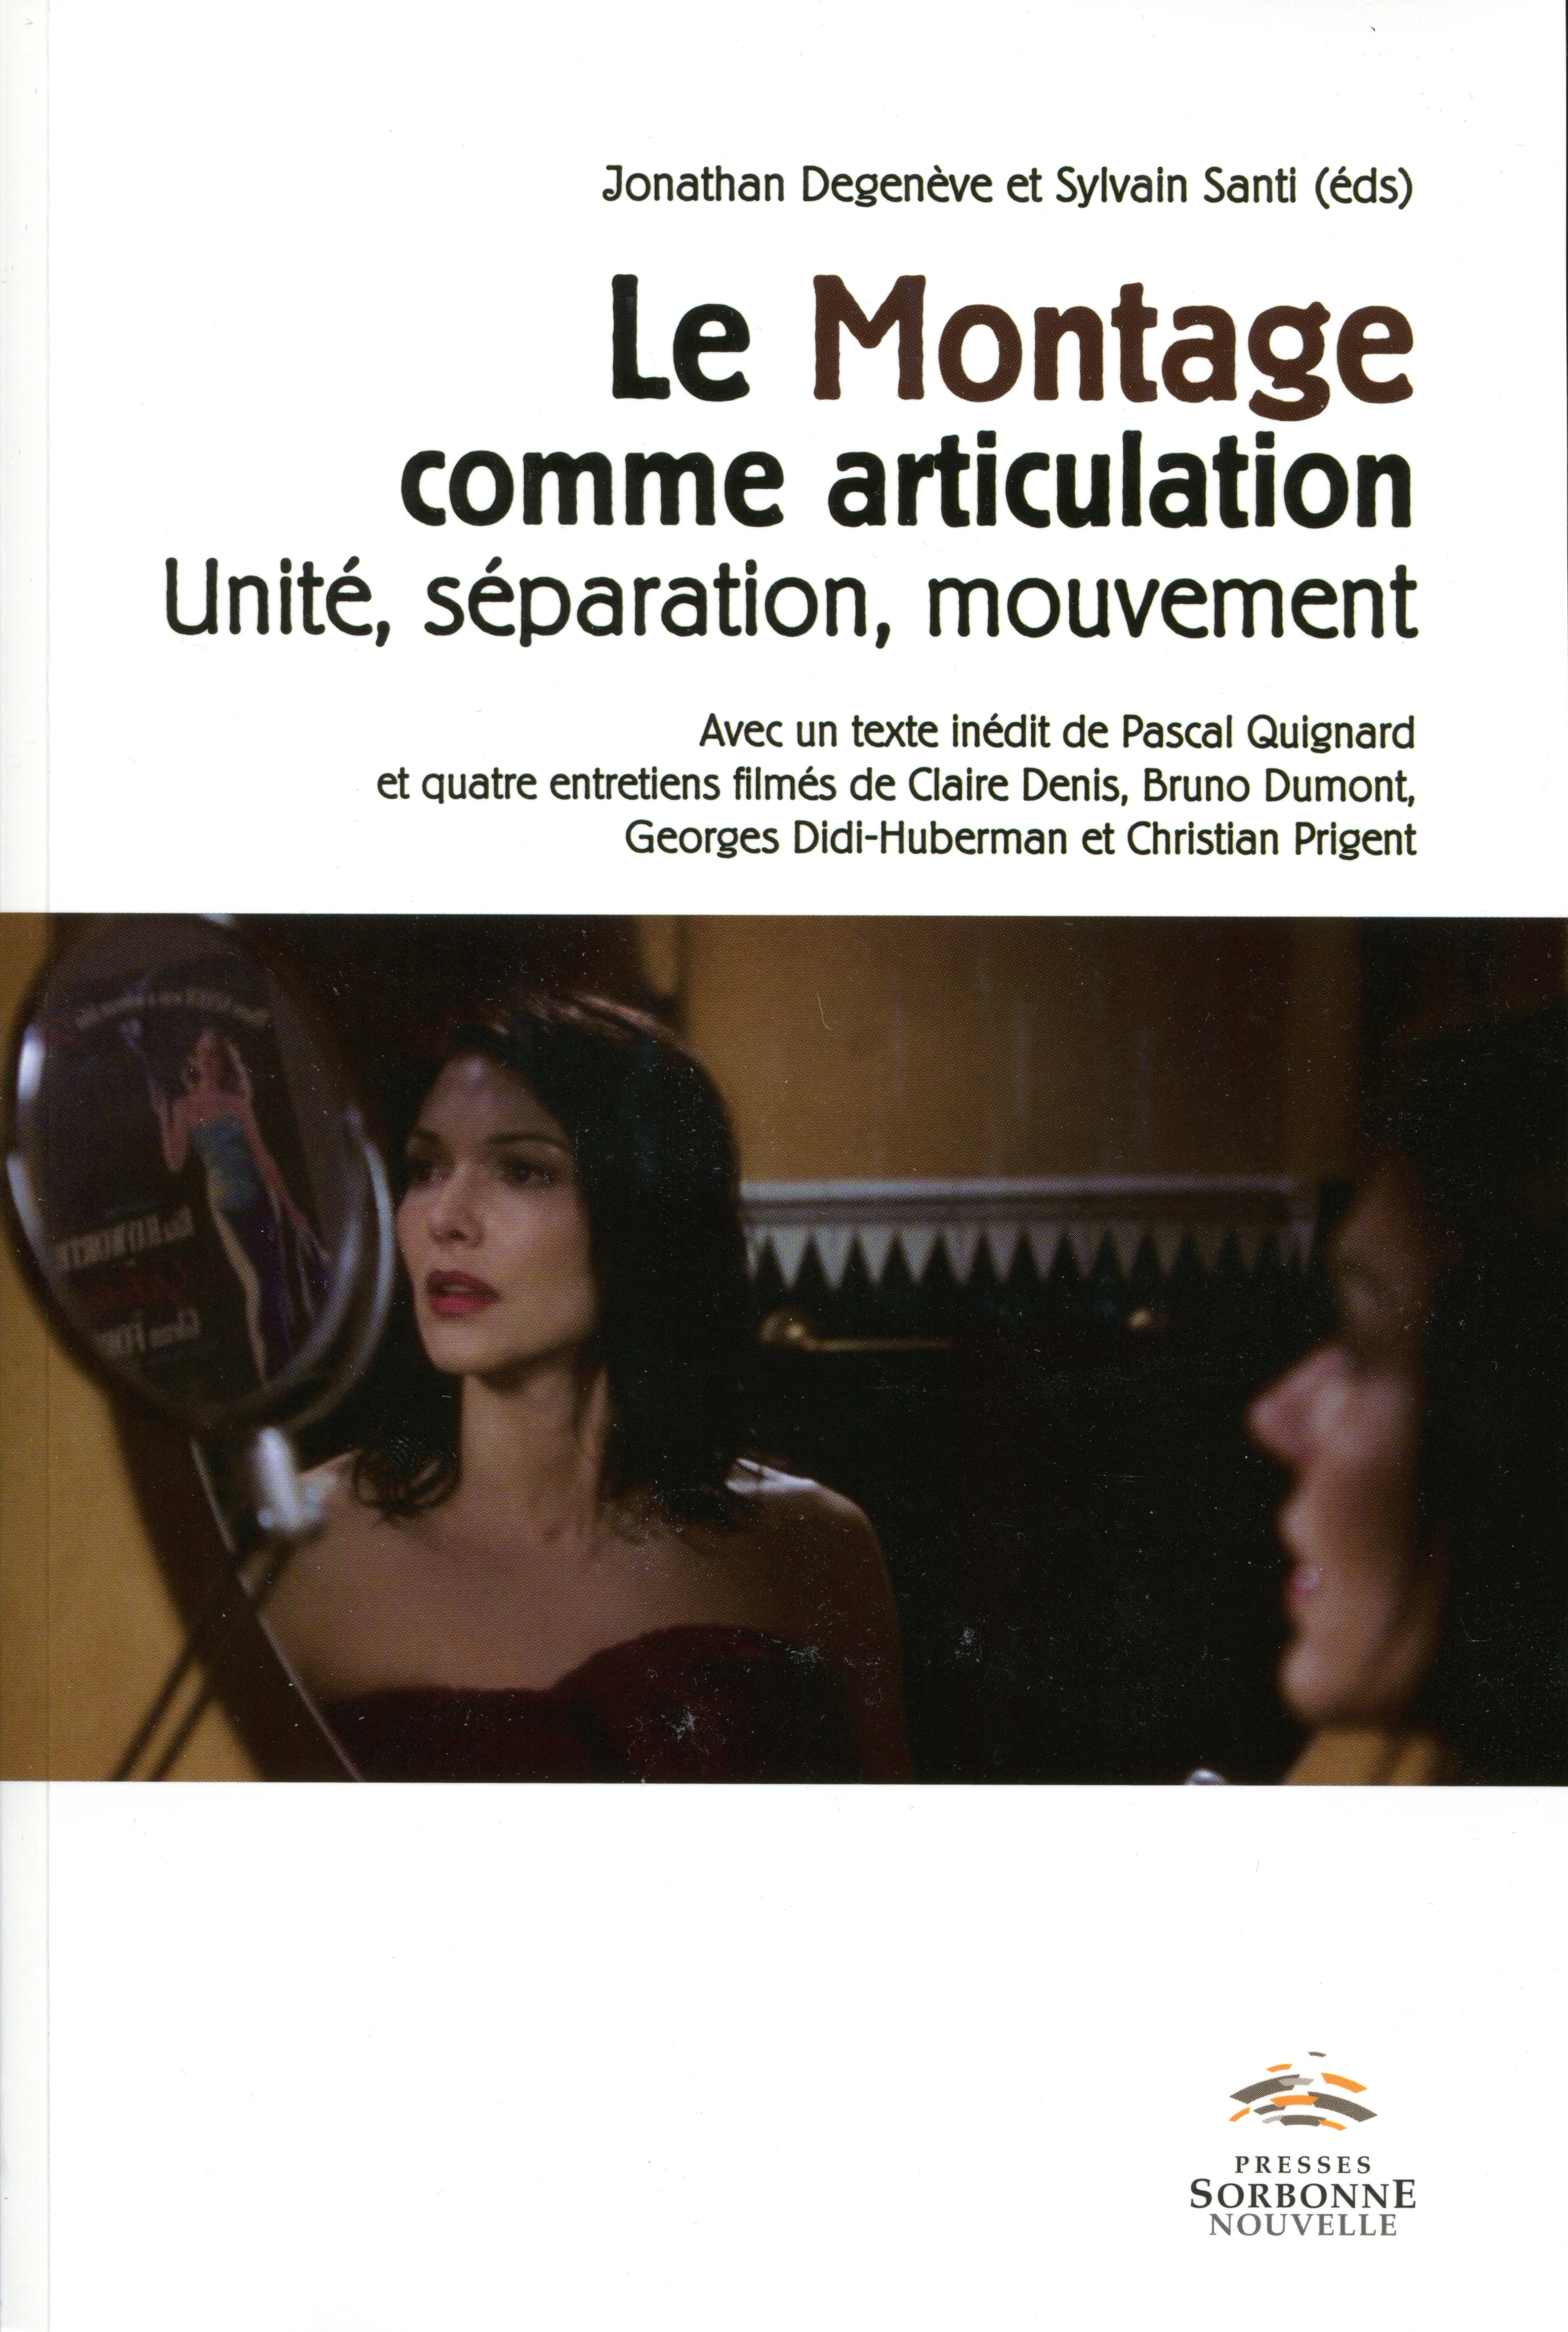 J. Degenève & S. Santi (dir.), Le Montage comme articulation. Unité, séparation, mouvement